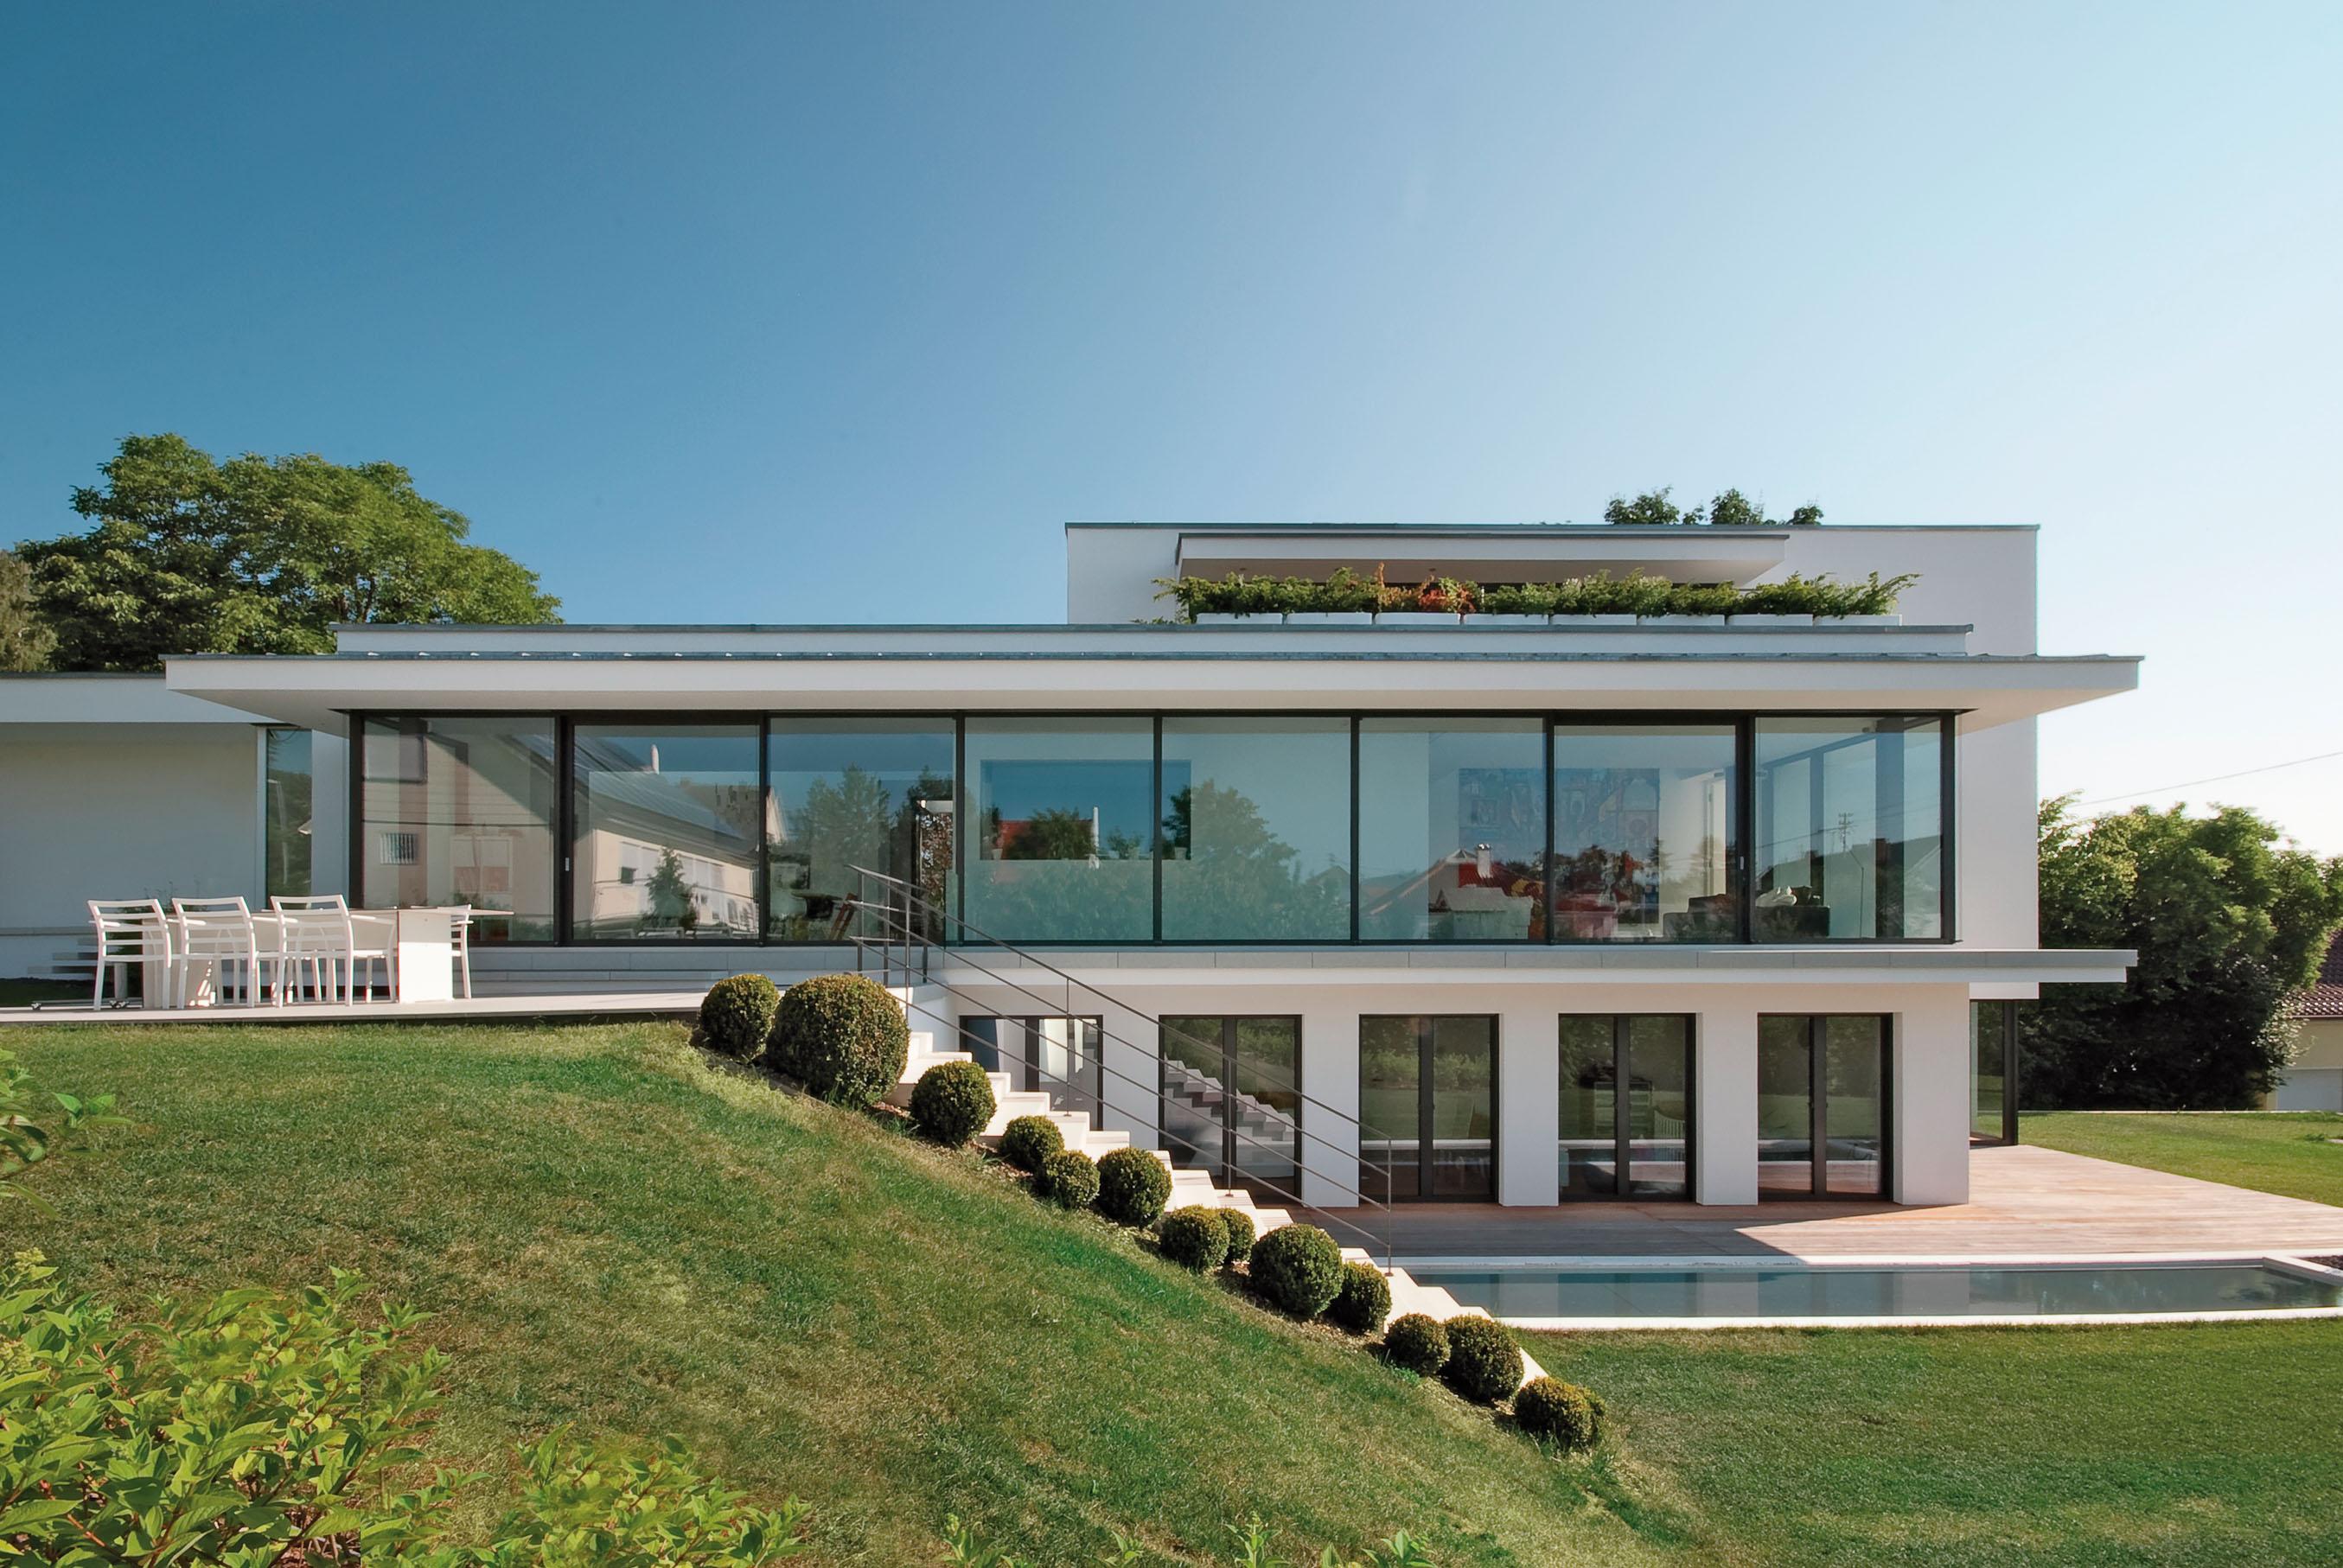 Germania fascinose e grandi trasparenze made in italy for Ville moderne con vetrate